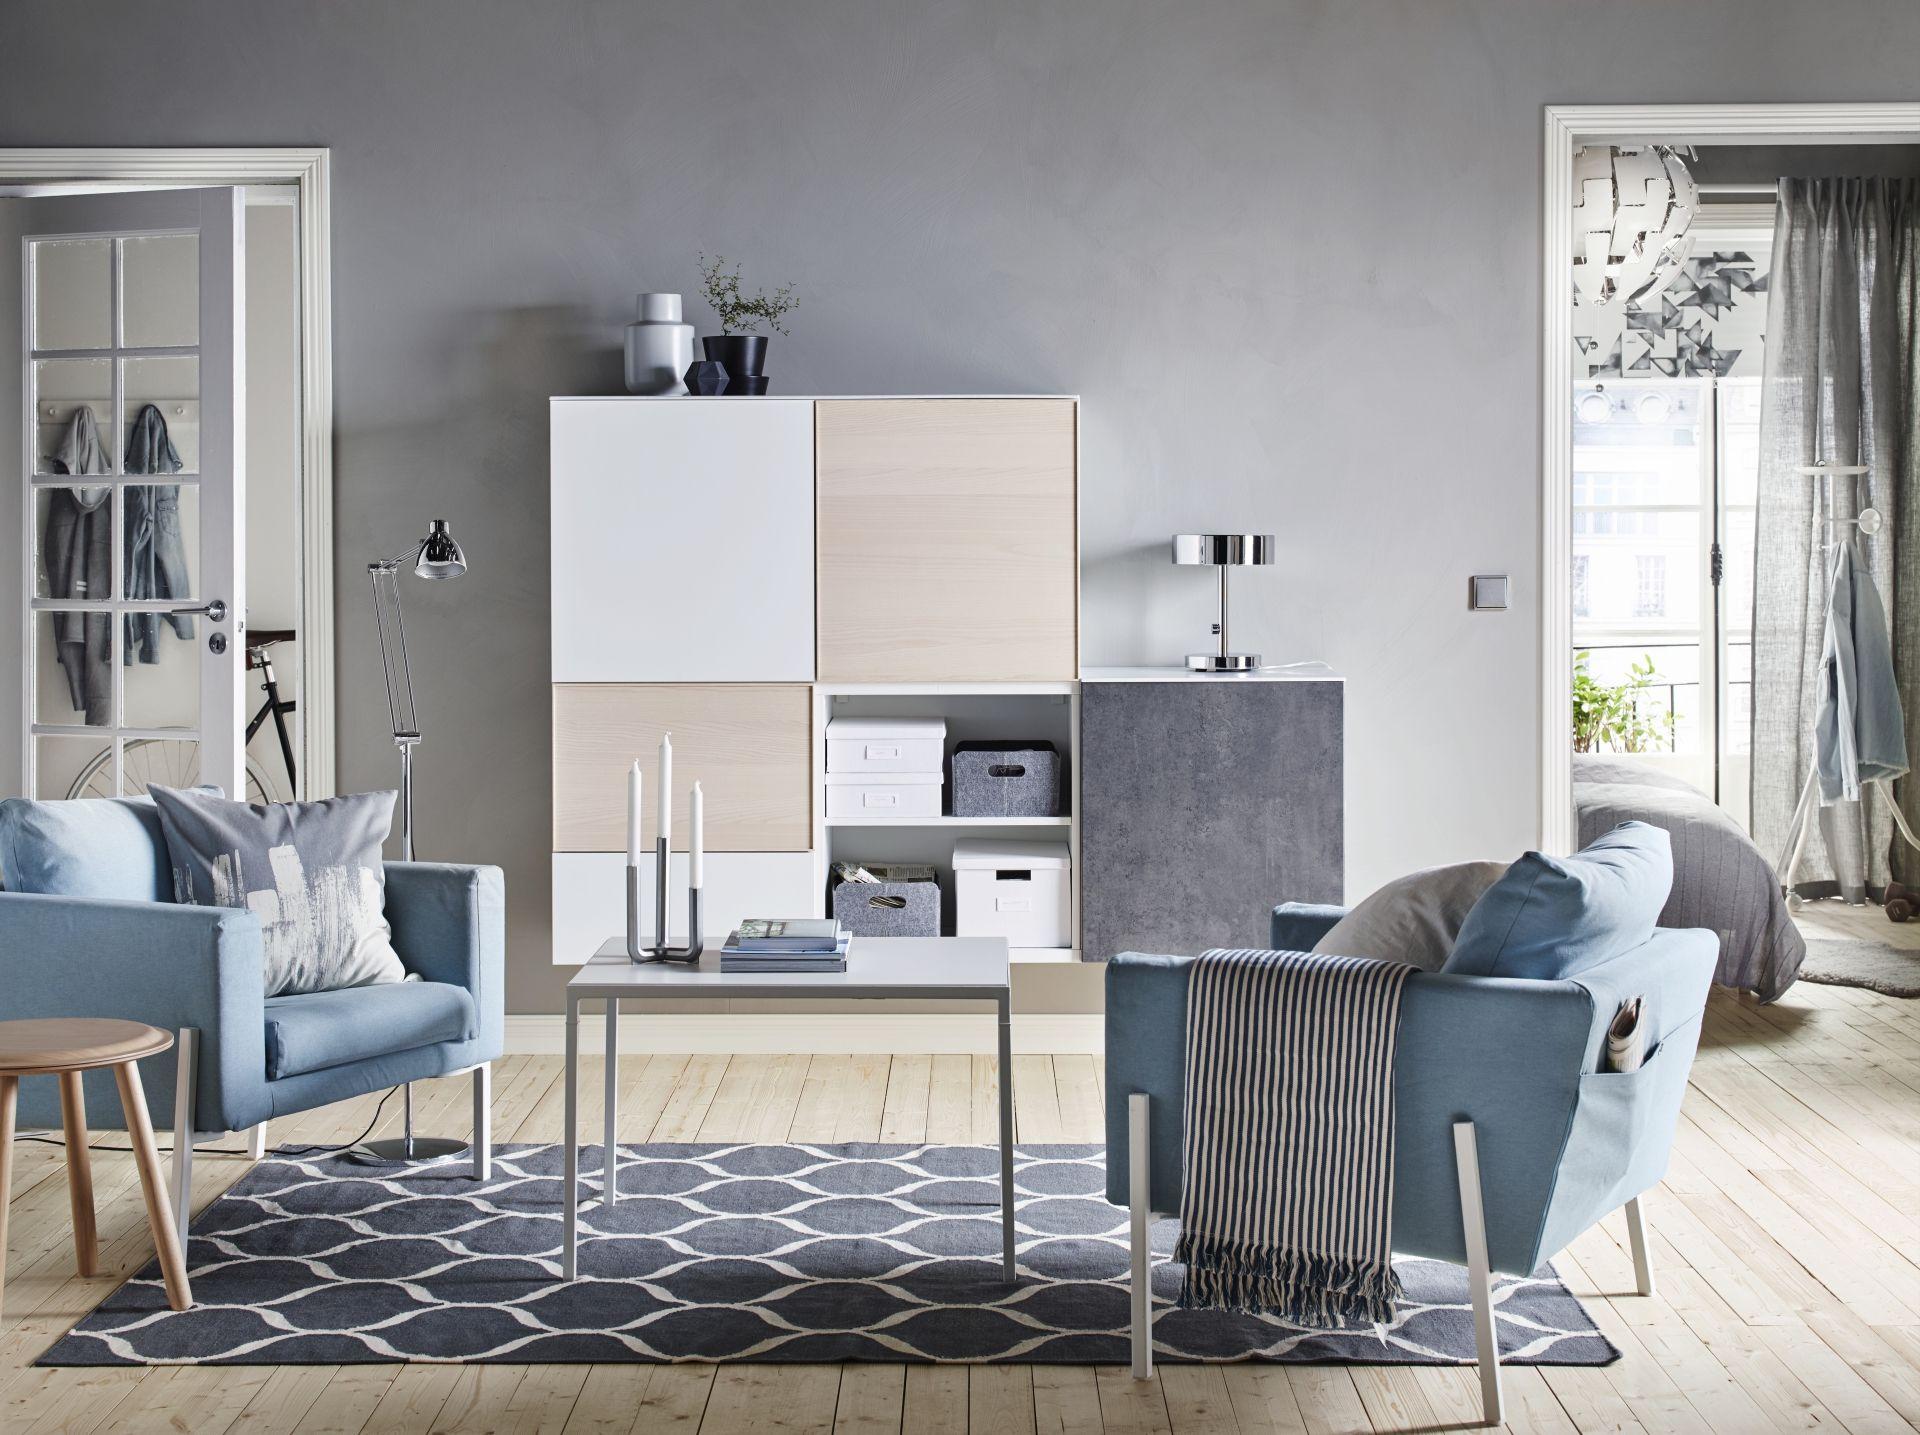 Koarp fauteuil ikea ikeanl ikeanederland nieuw for Kamer interieur inspiratie